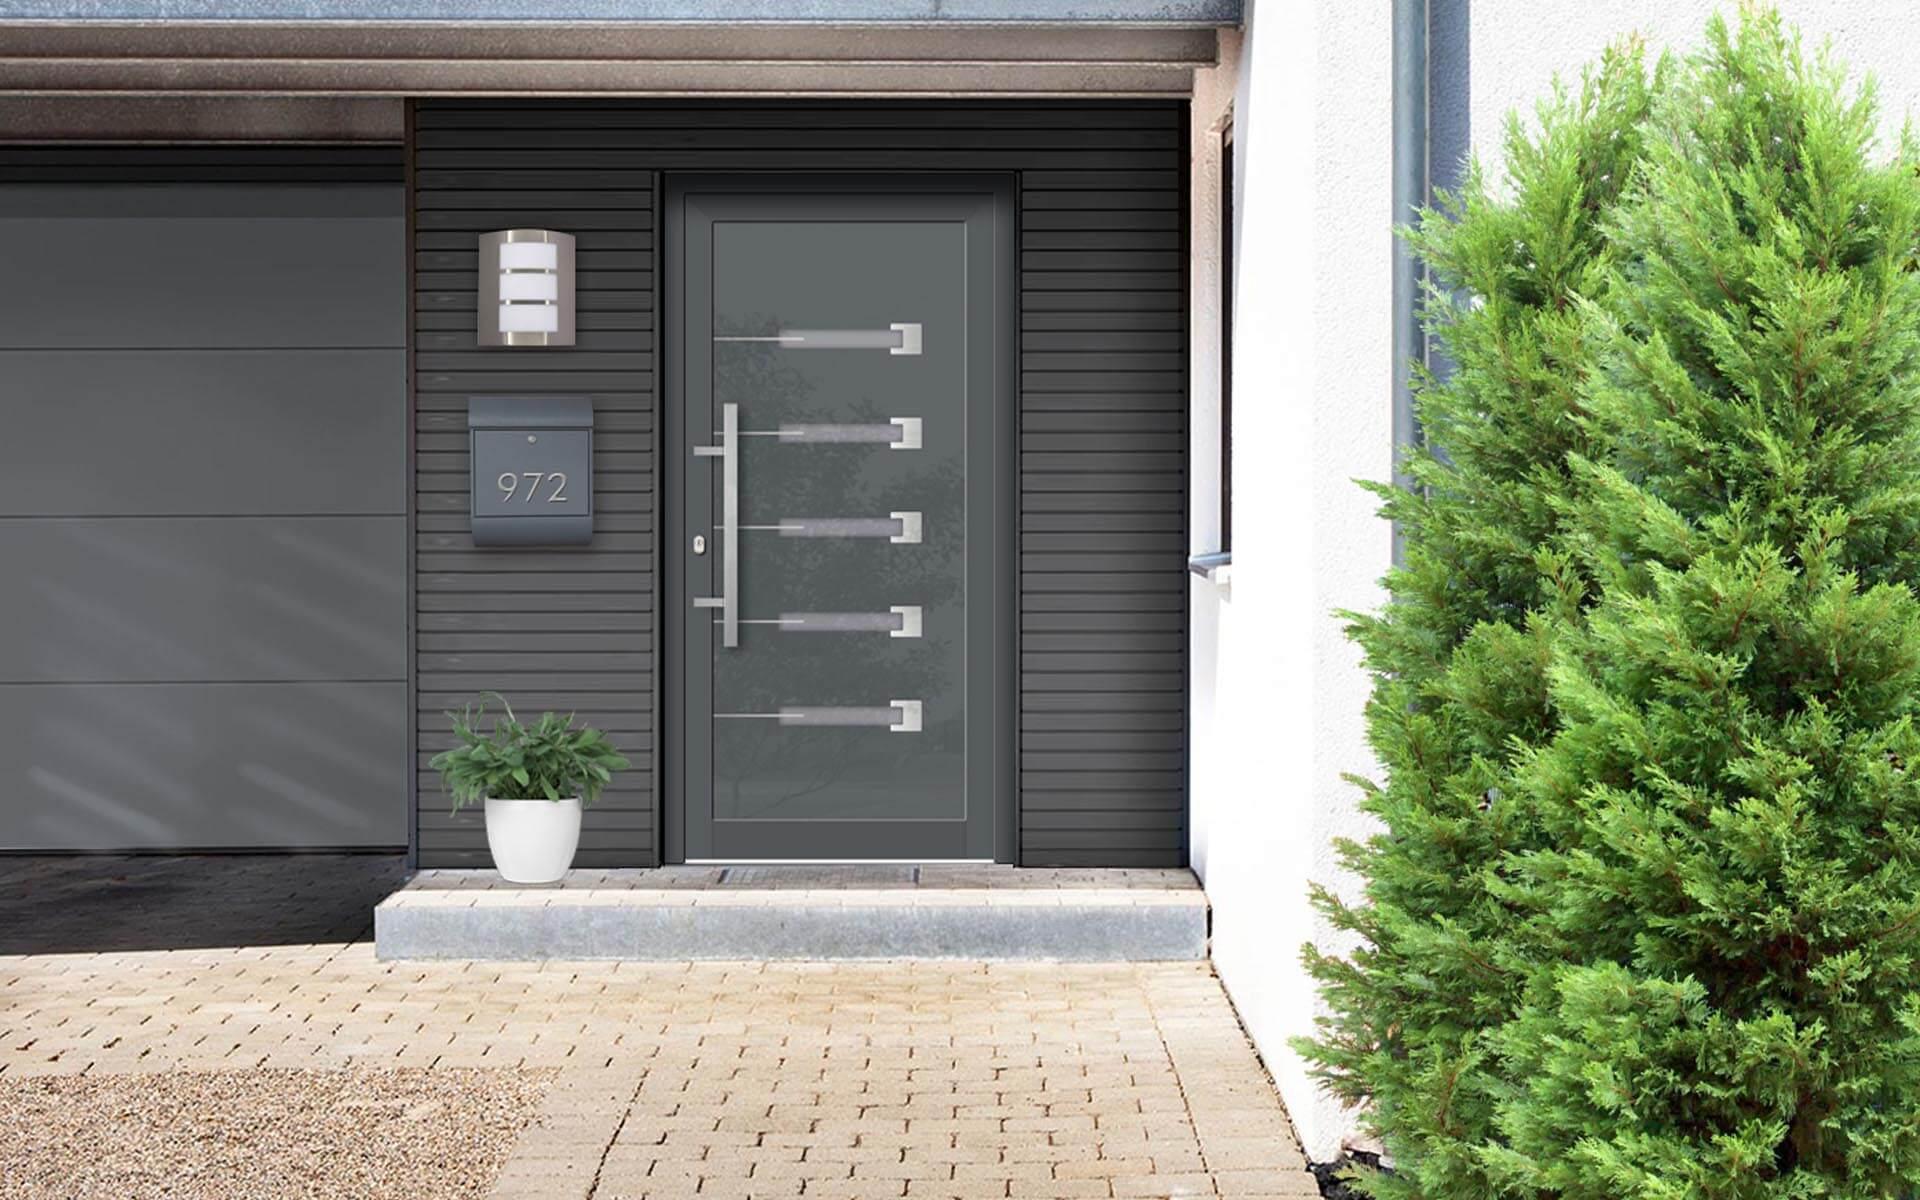 Vchodové hliníkové dvere do domu s odolnou výplňou s dilatačným jadrom s prekrtým krídlom vo farbe RAL 7012